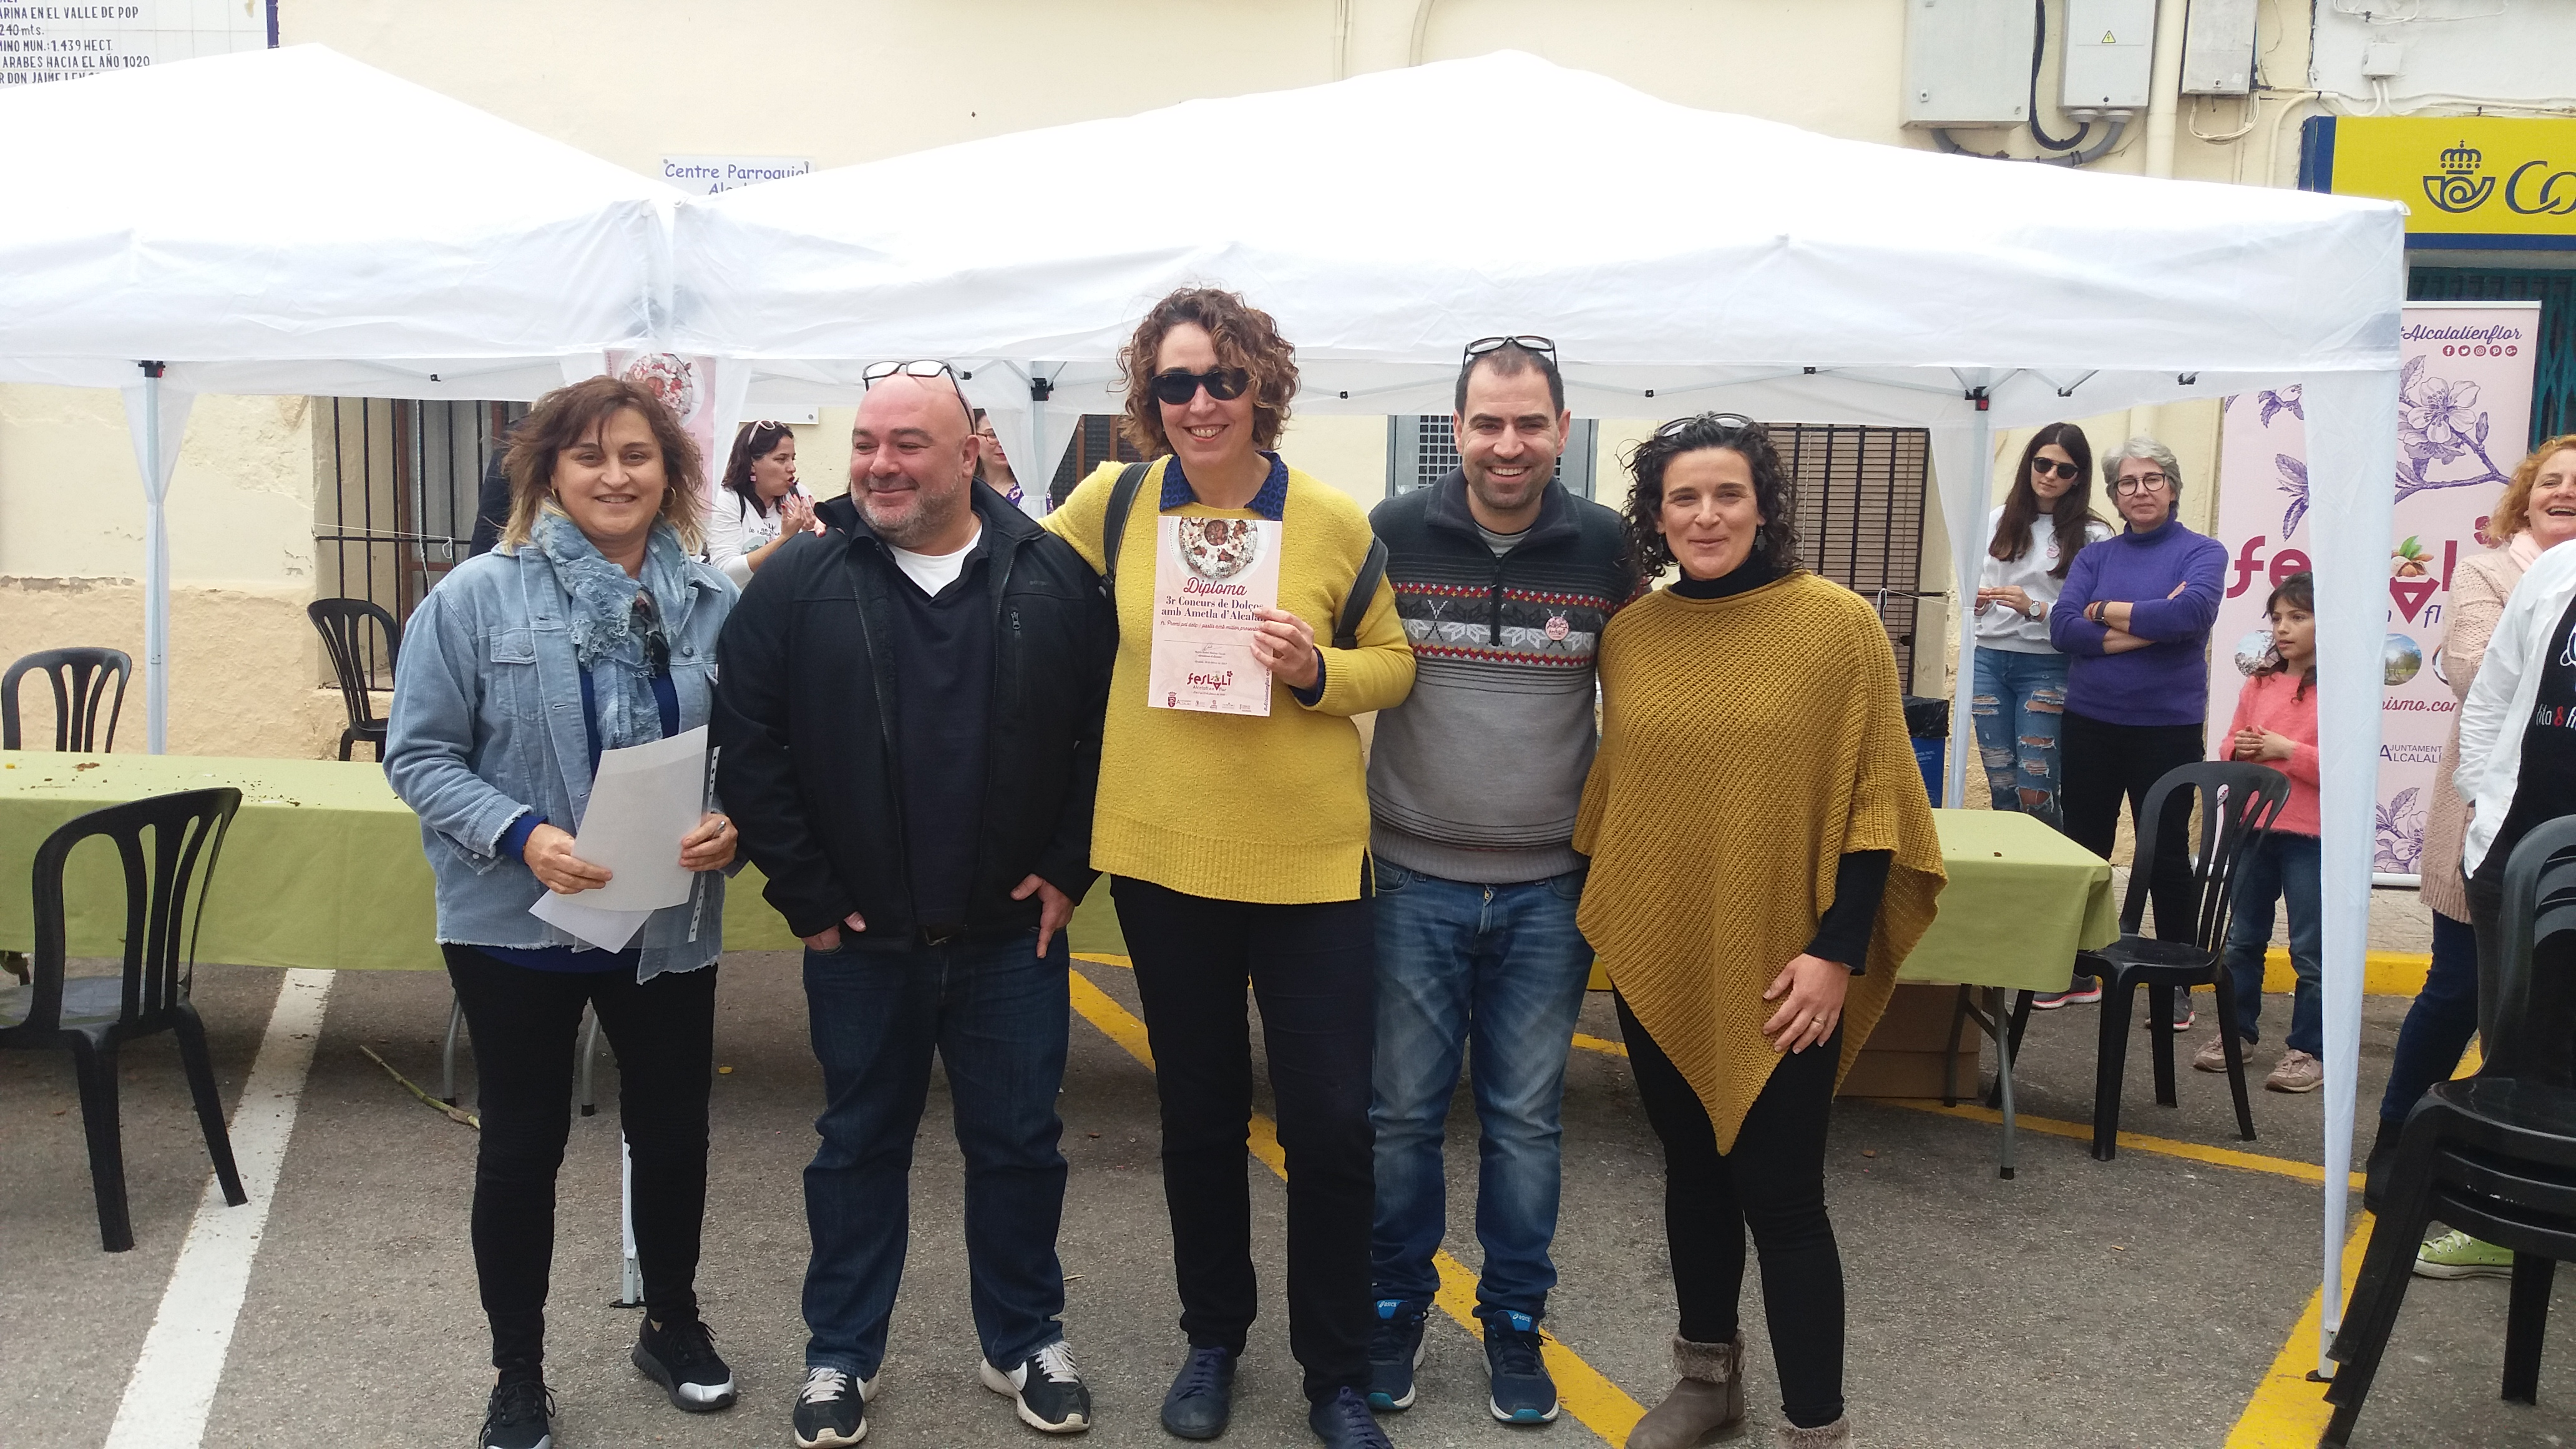 Concurso Dulces Almendra – Feslalí